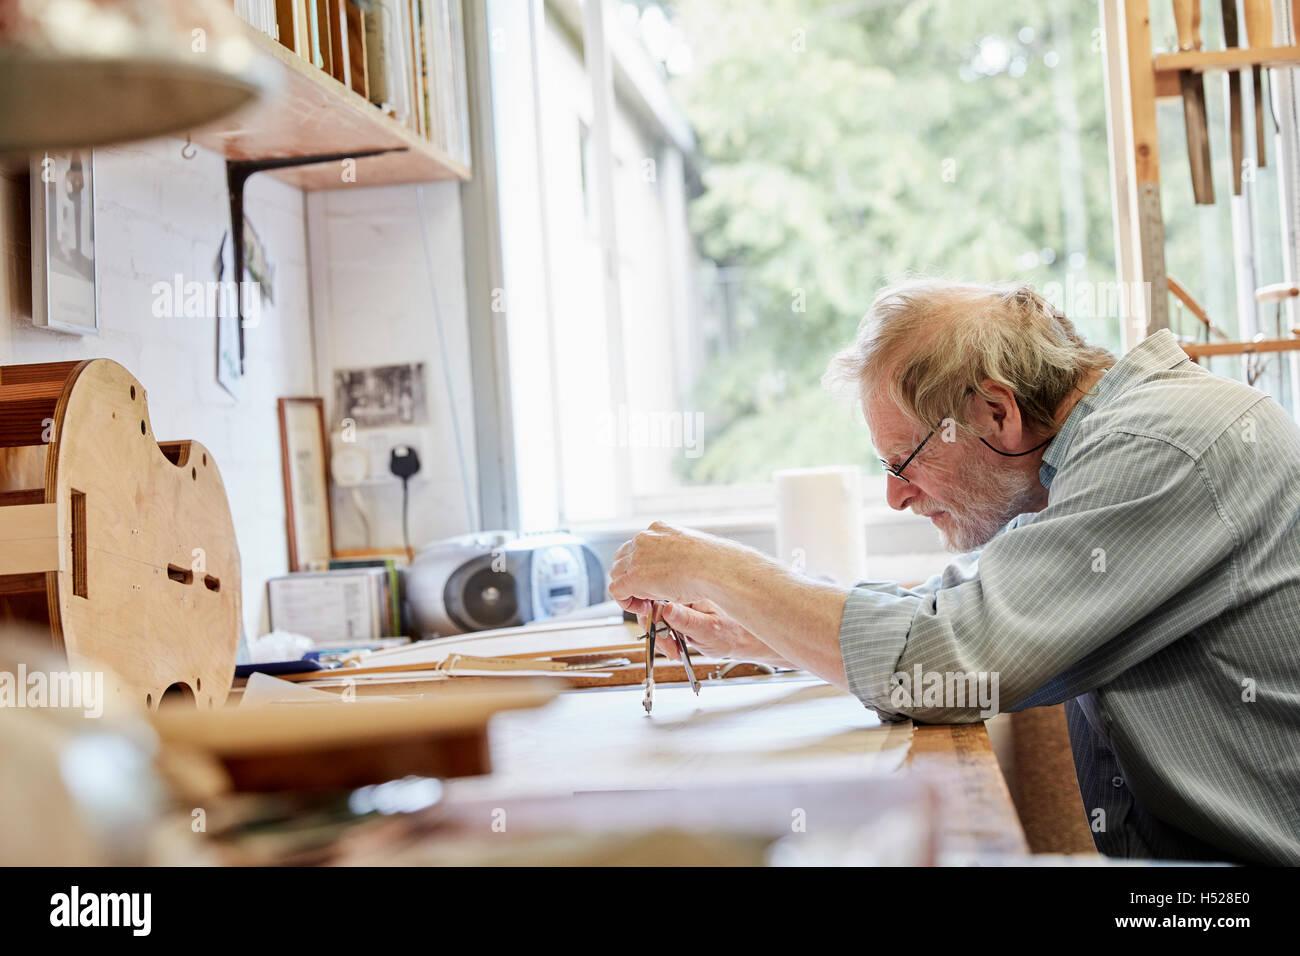 Geigenbauer auf seinem Reißbrett Zeichnung aus den Plänen und den Entwurf für ein neues Instrument. Stockbild